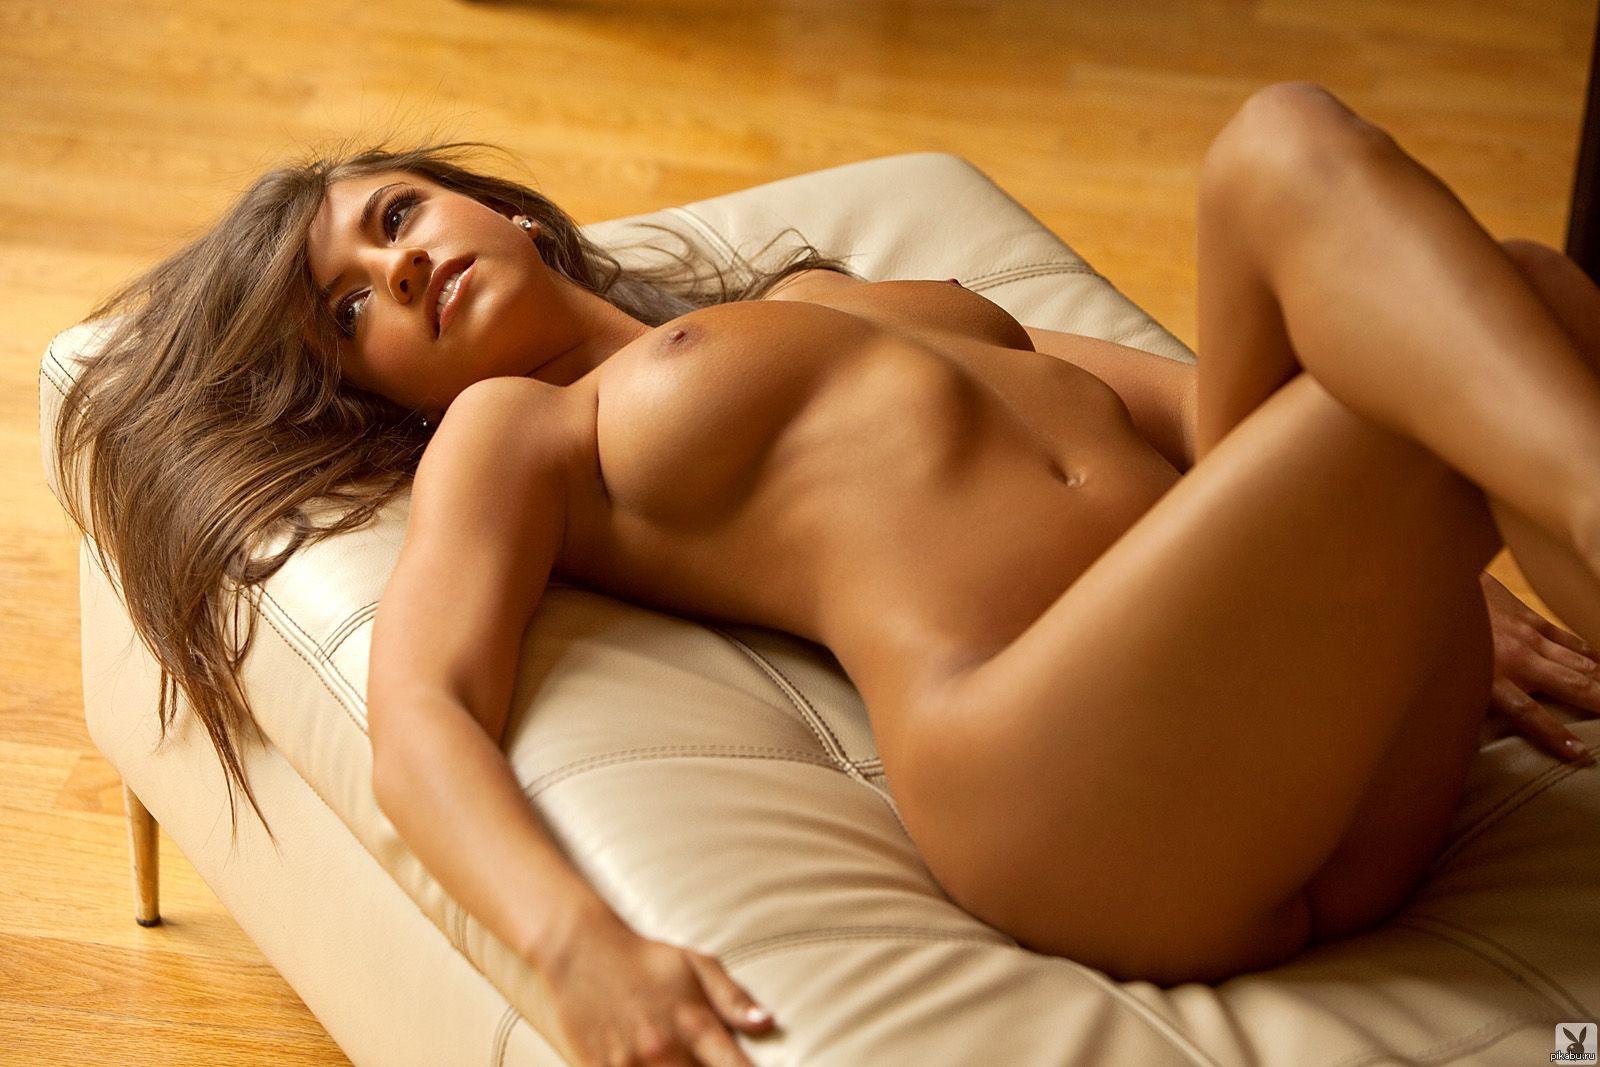 мере так видео голые телки красотка только